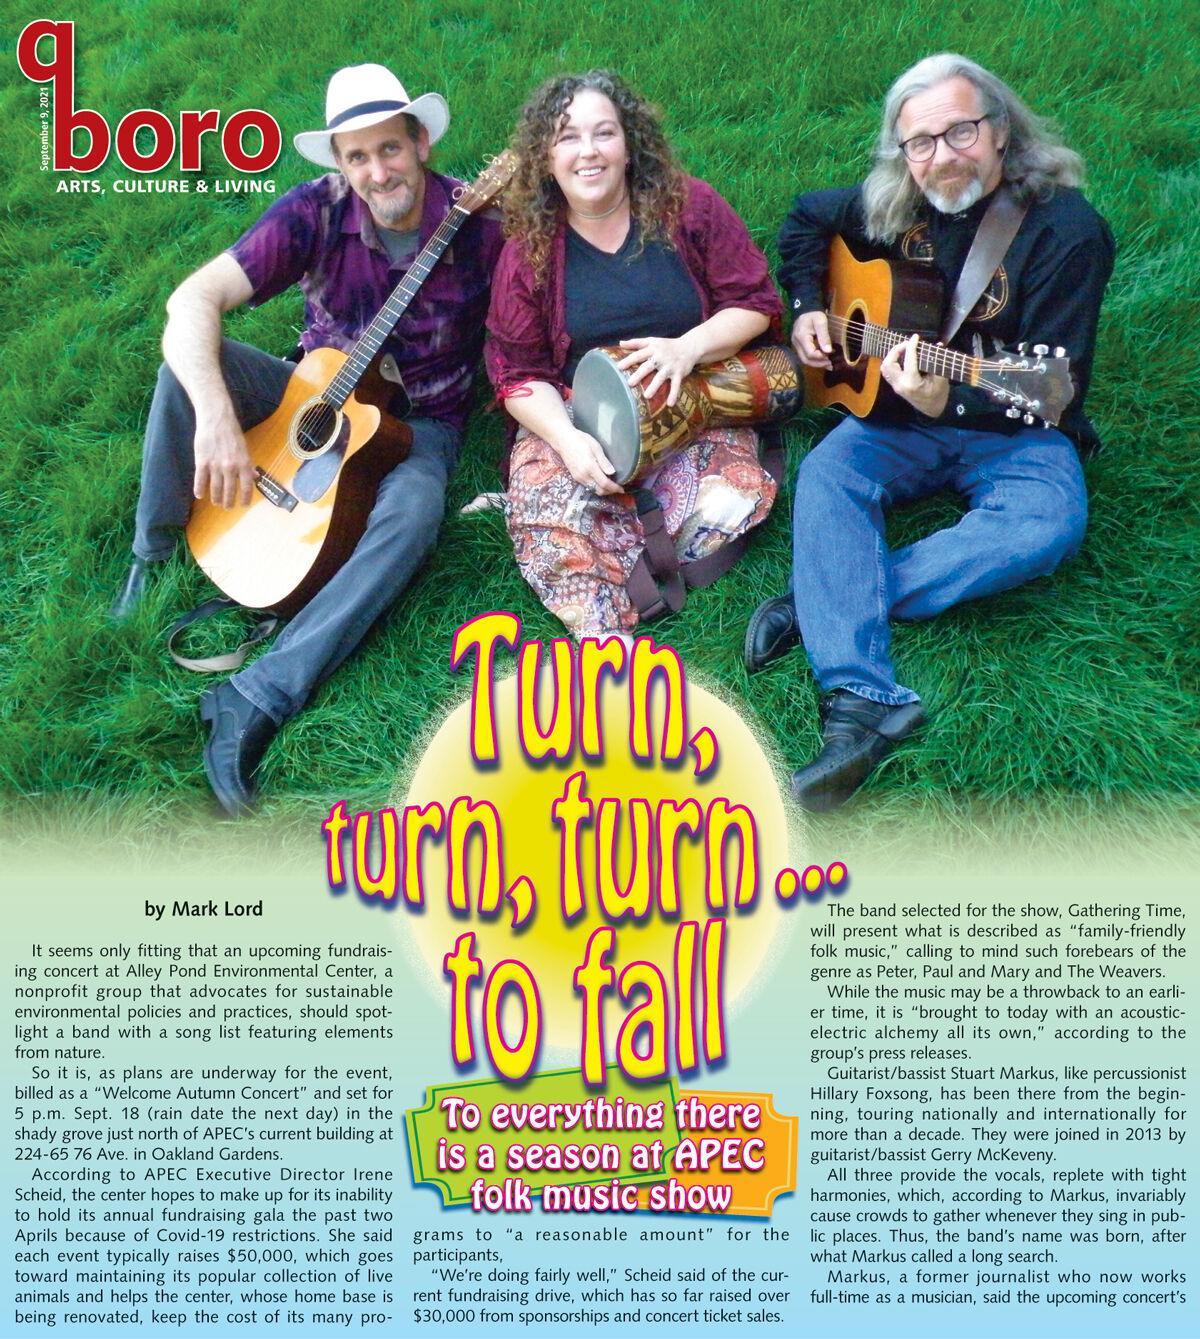 Classic folk tunes help keep fall 'green' at APEC 1